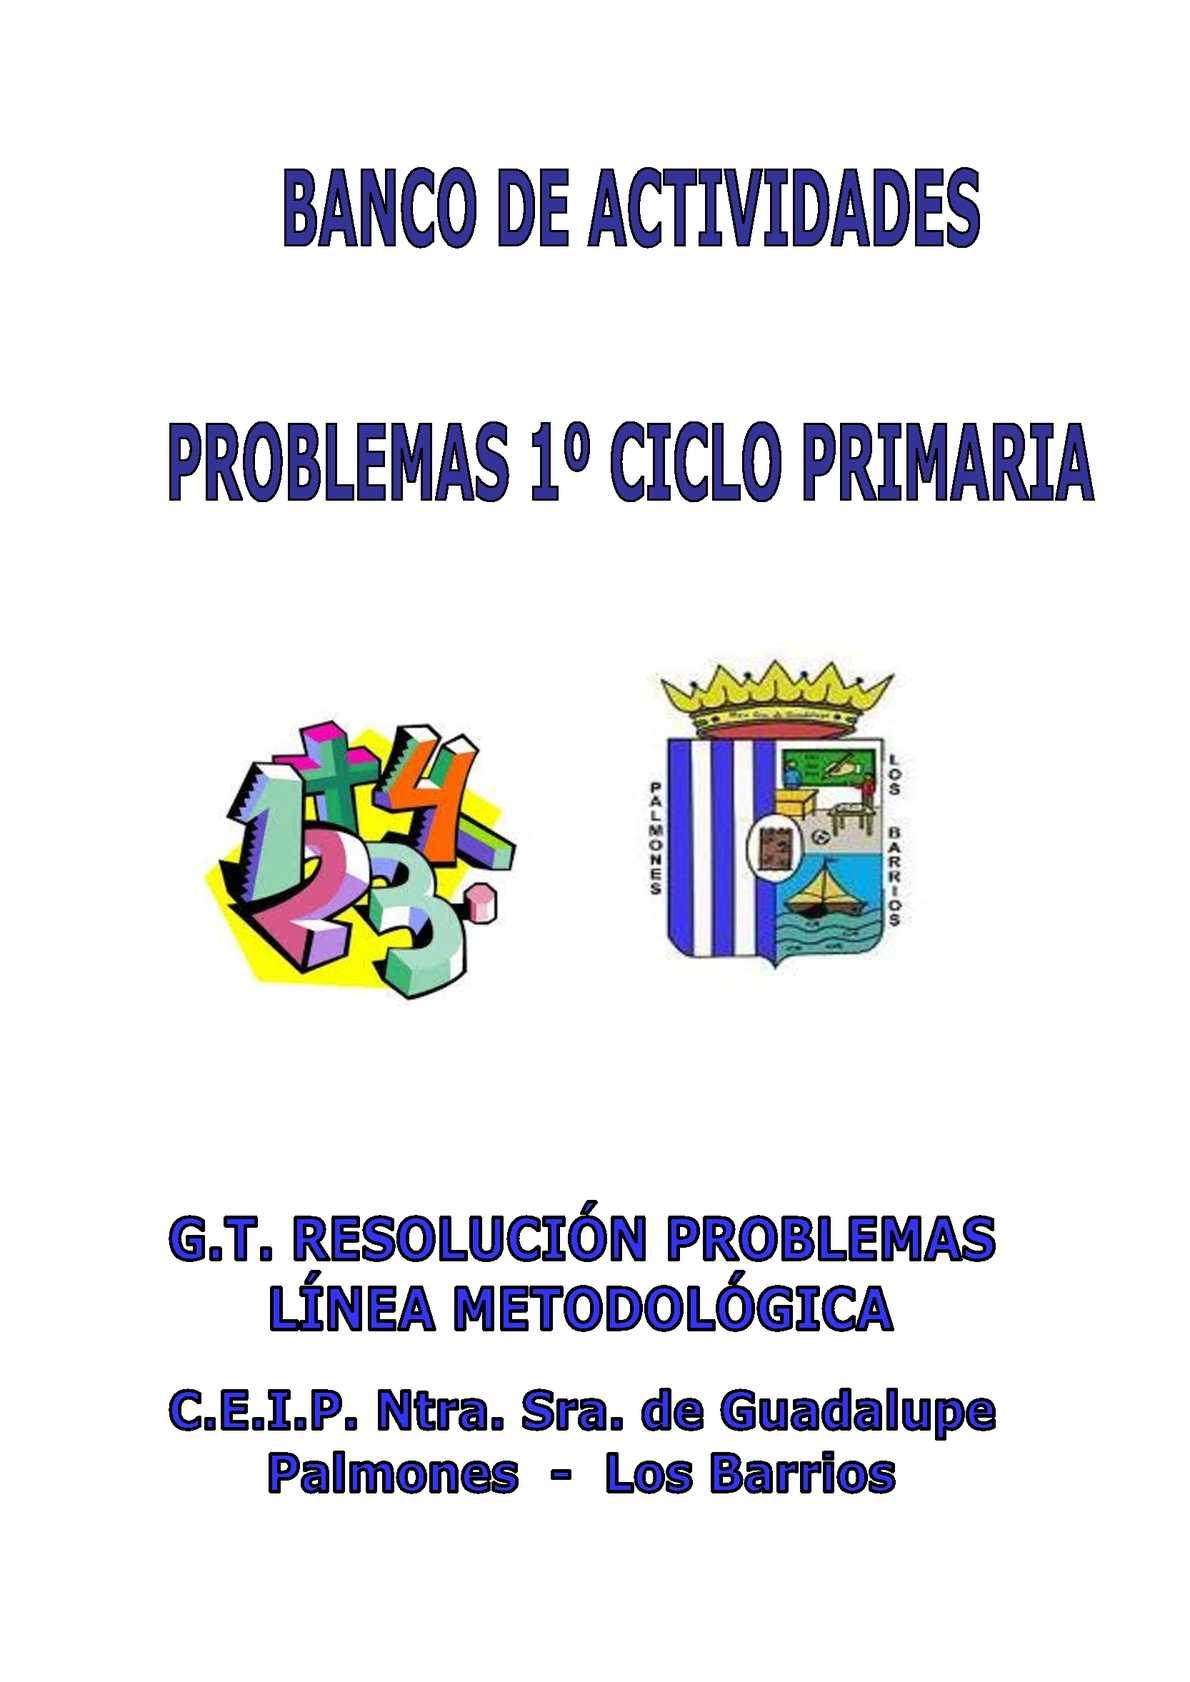 PROBLEMAS TALLER PRIMER CICLO PRIMARIA. CATALOGADOS Y SEPARADOS POR TIPOS.